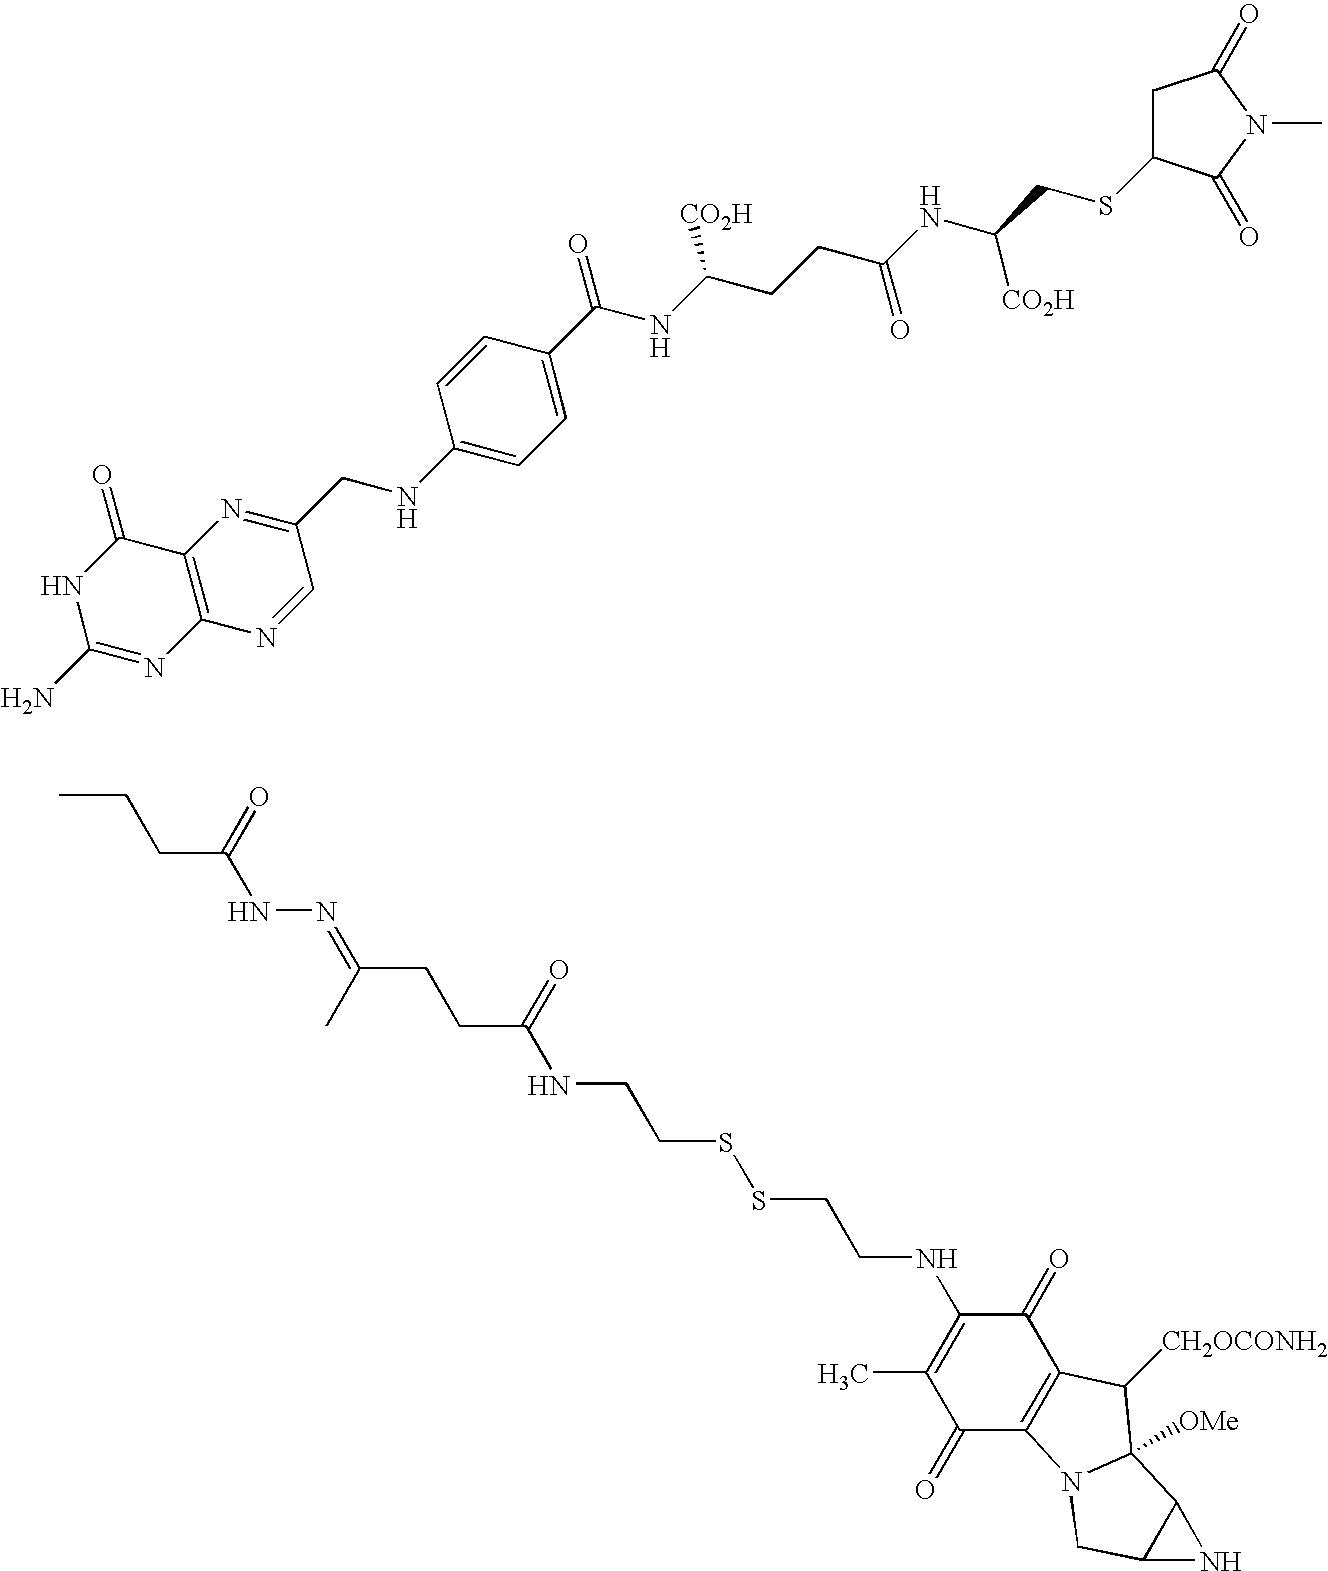 Figure US08105568-20120131-C00128